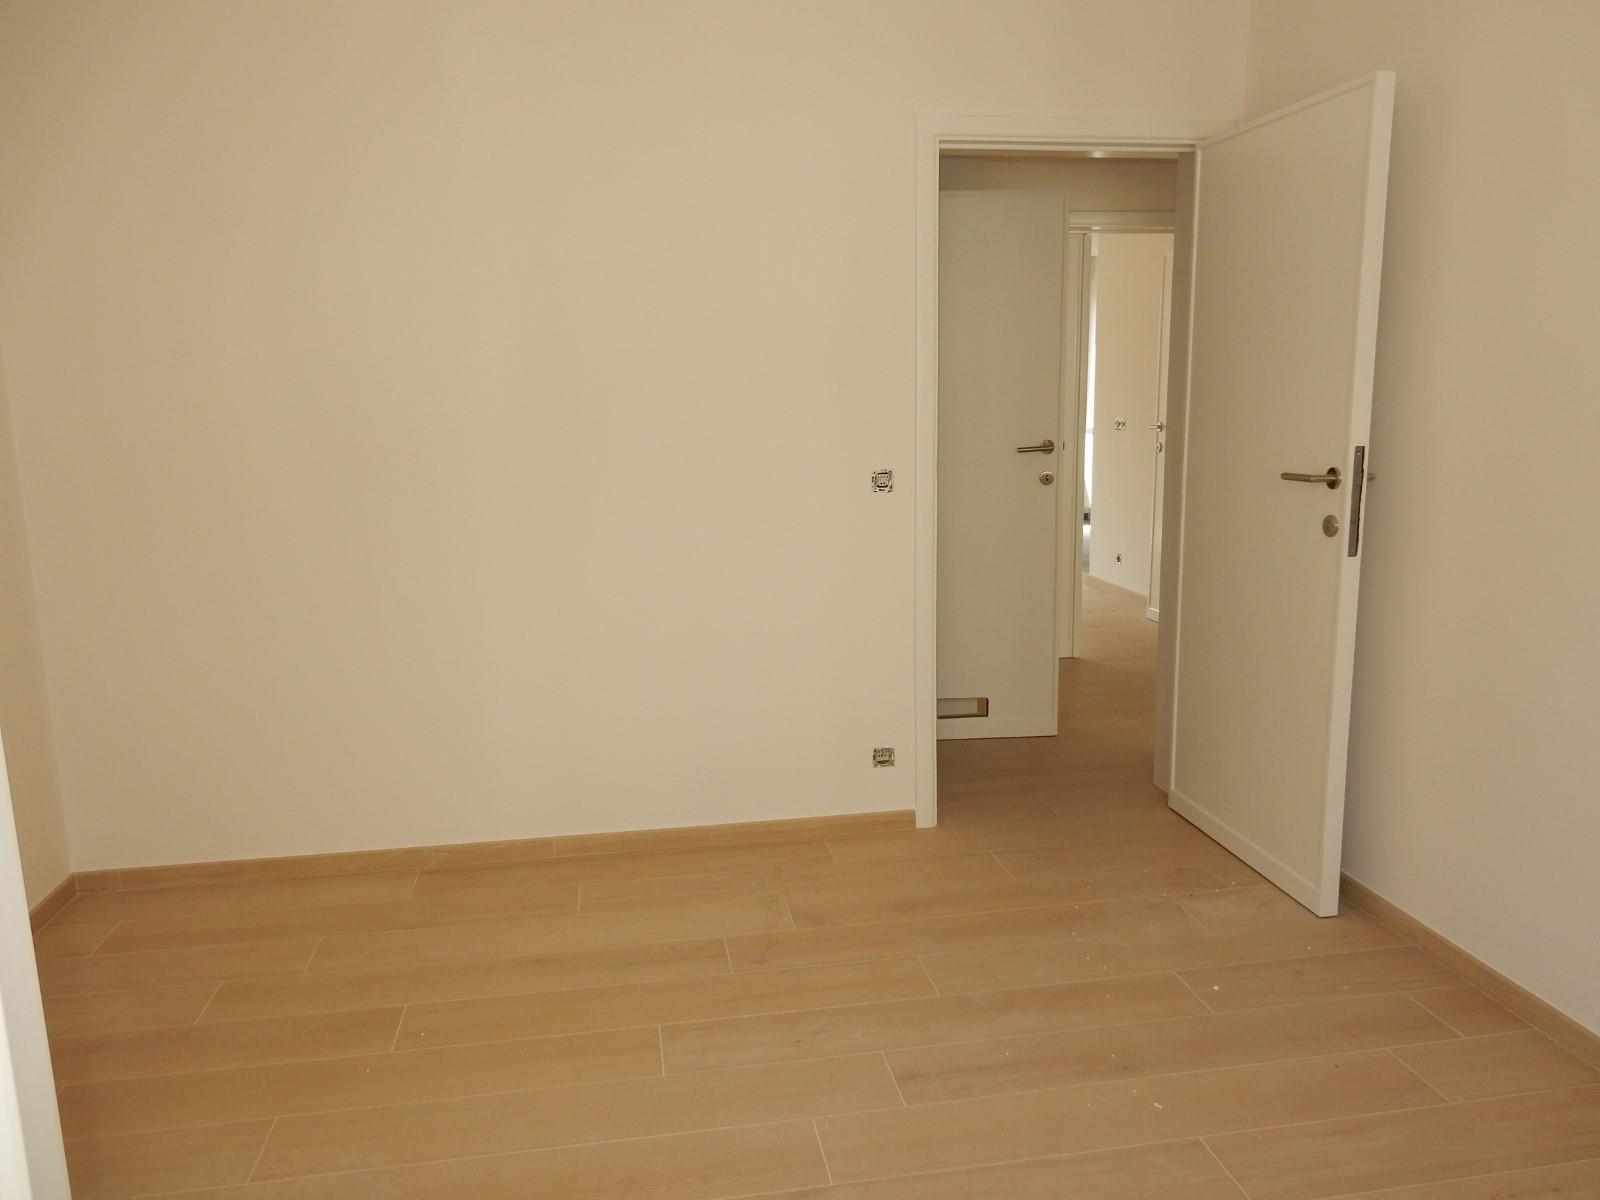 Flat - Schaerbeek - #4137628-9